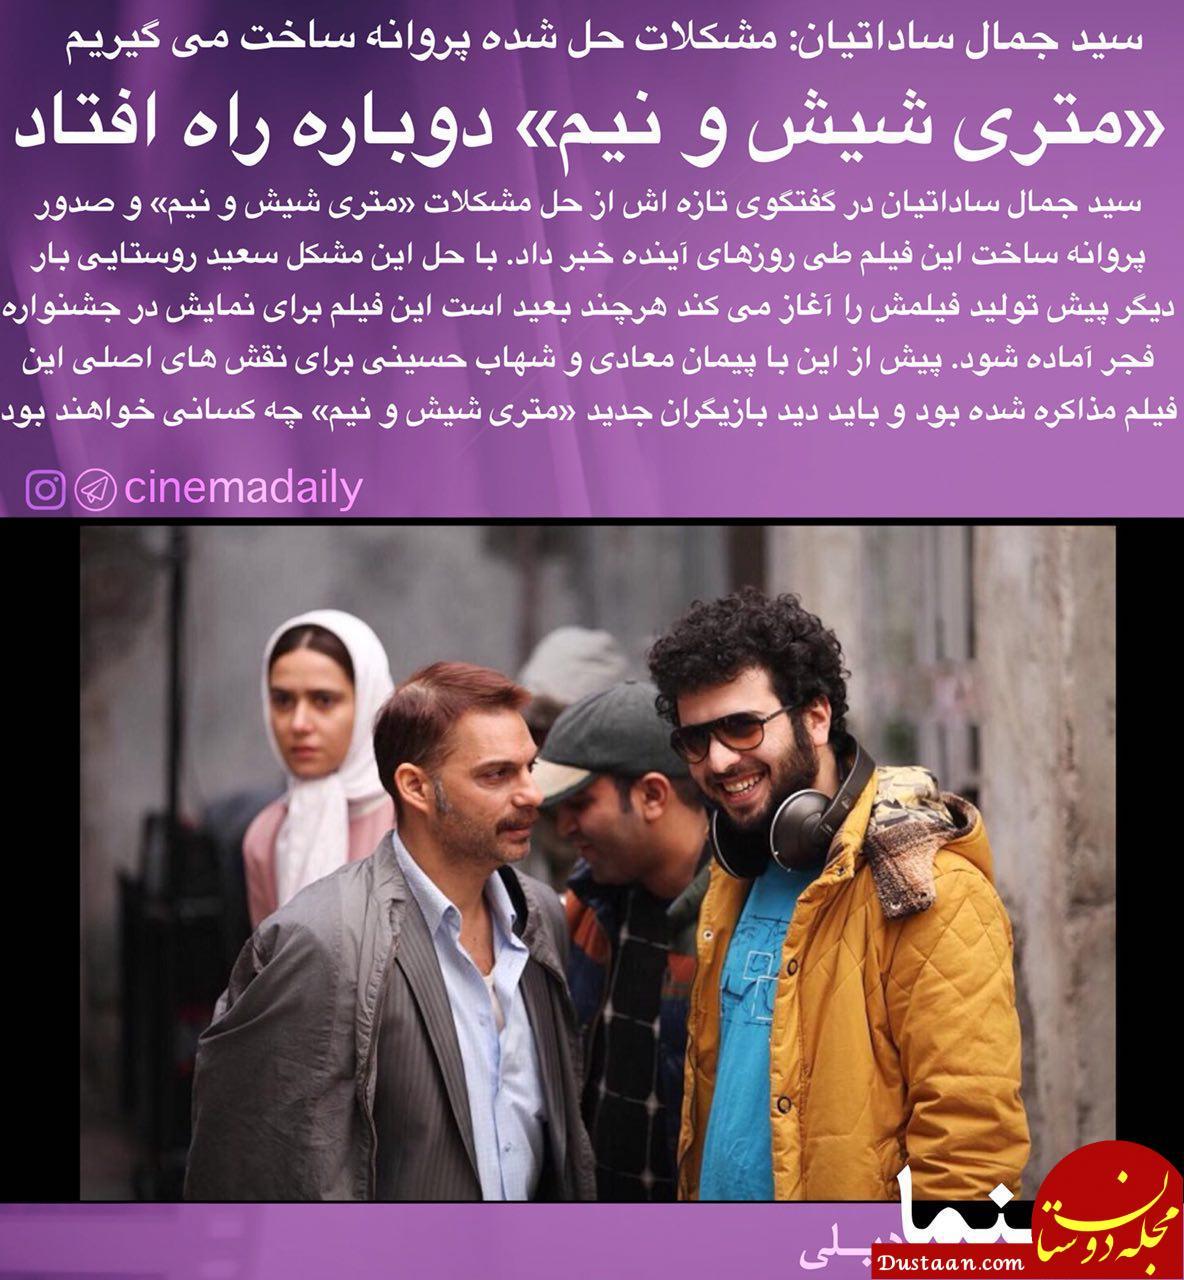 www.dustaan.com «متری شیش و نیم» دوباره راه افتاد! +عکس